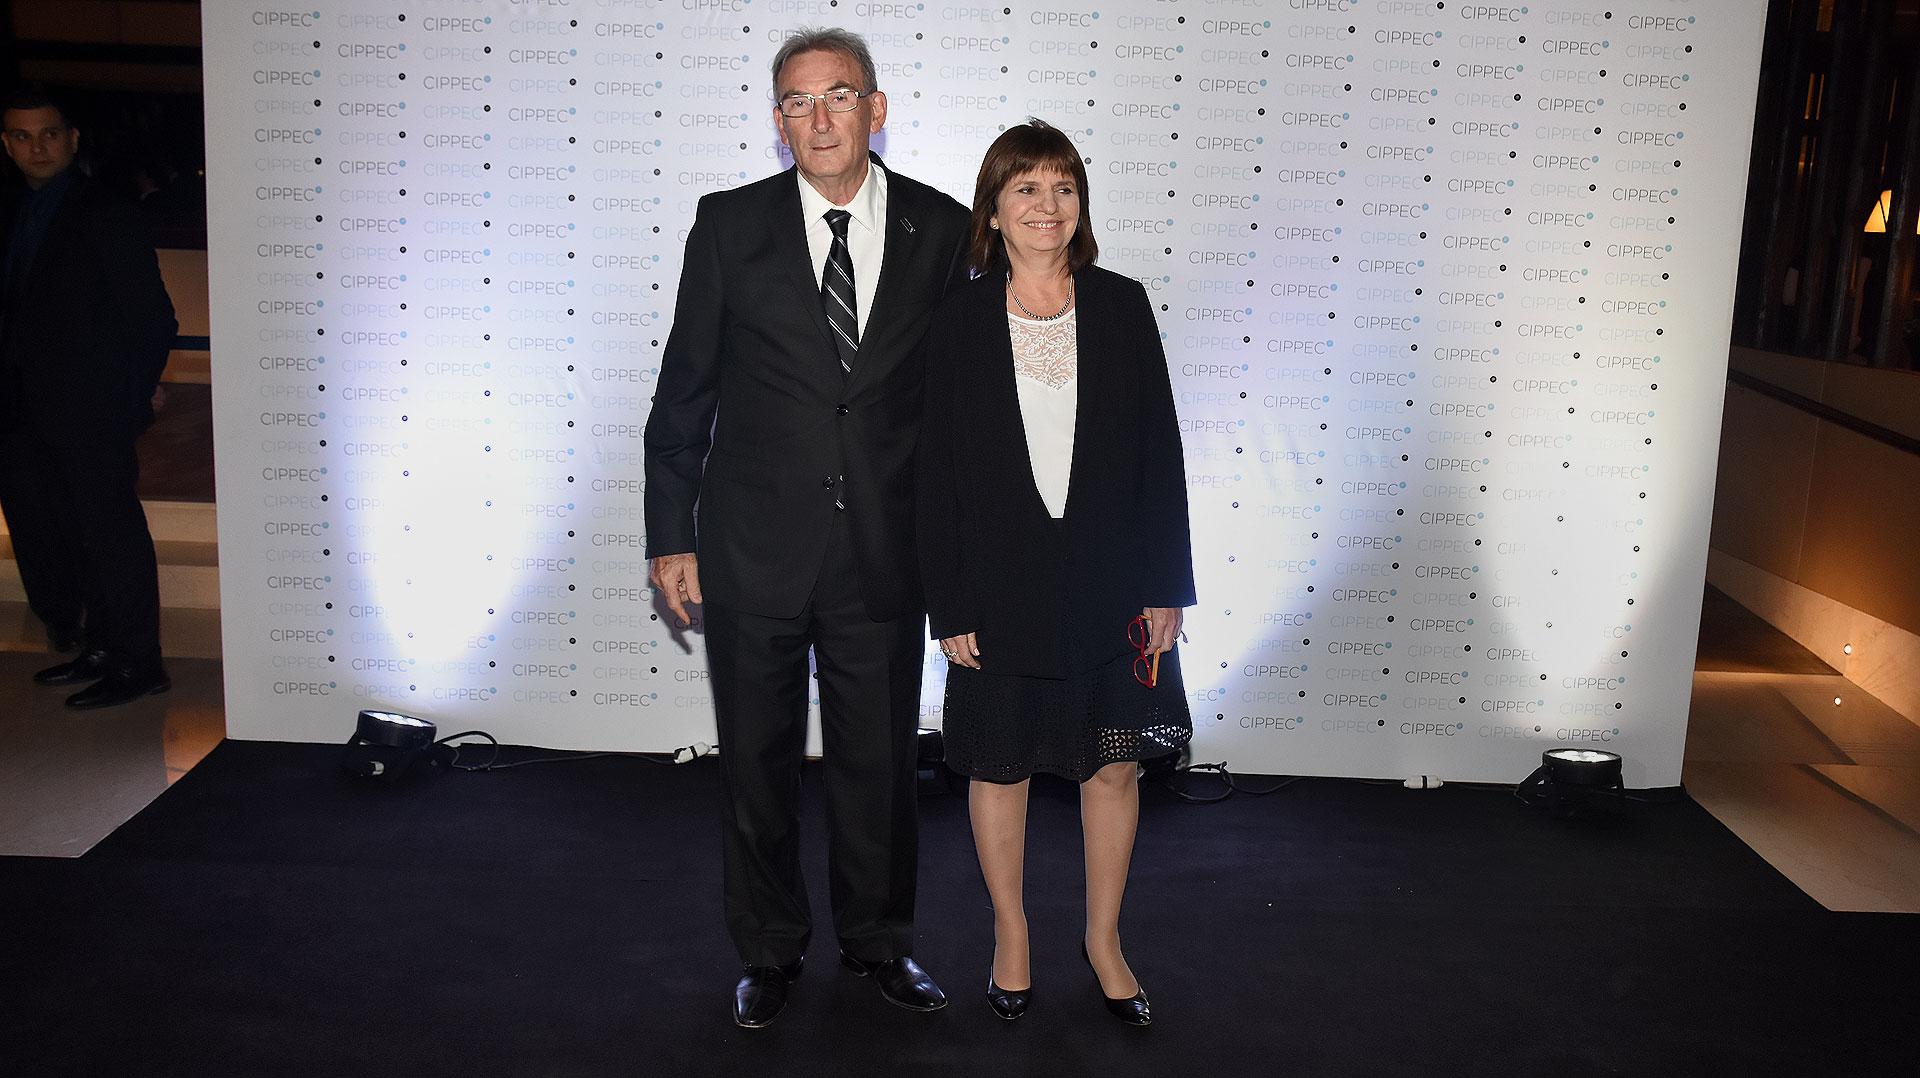 La ministra de Seguridad, Patricia Bullrich, y su marido Guillermo Yanco